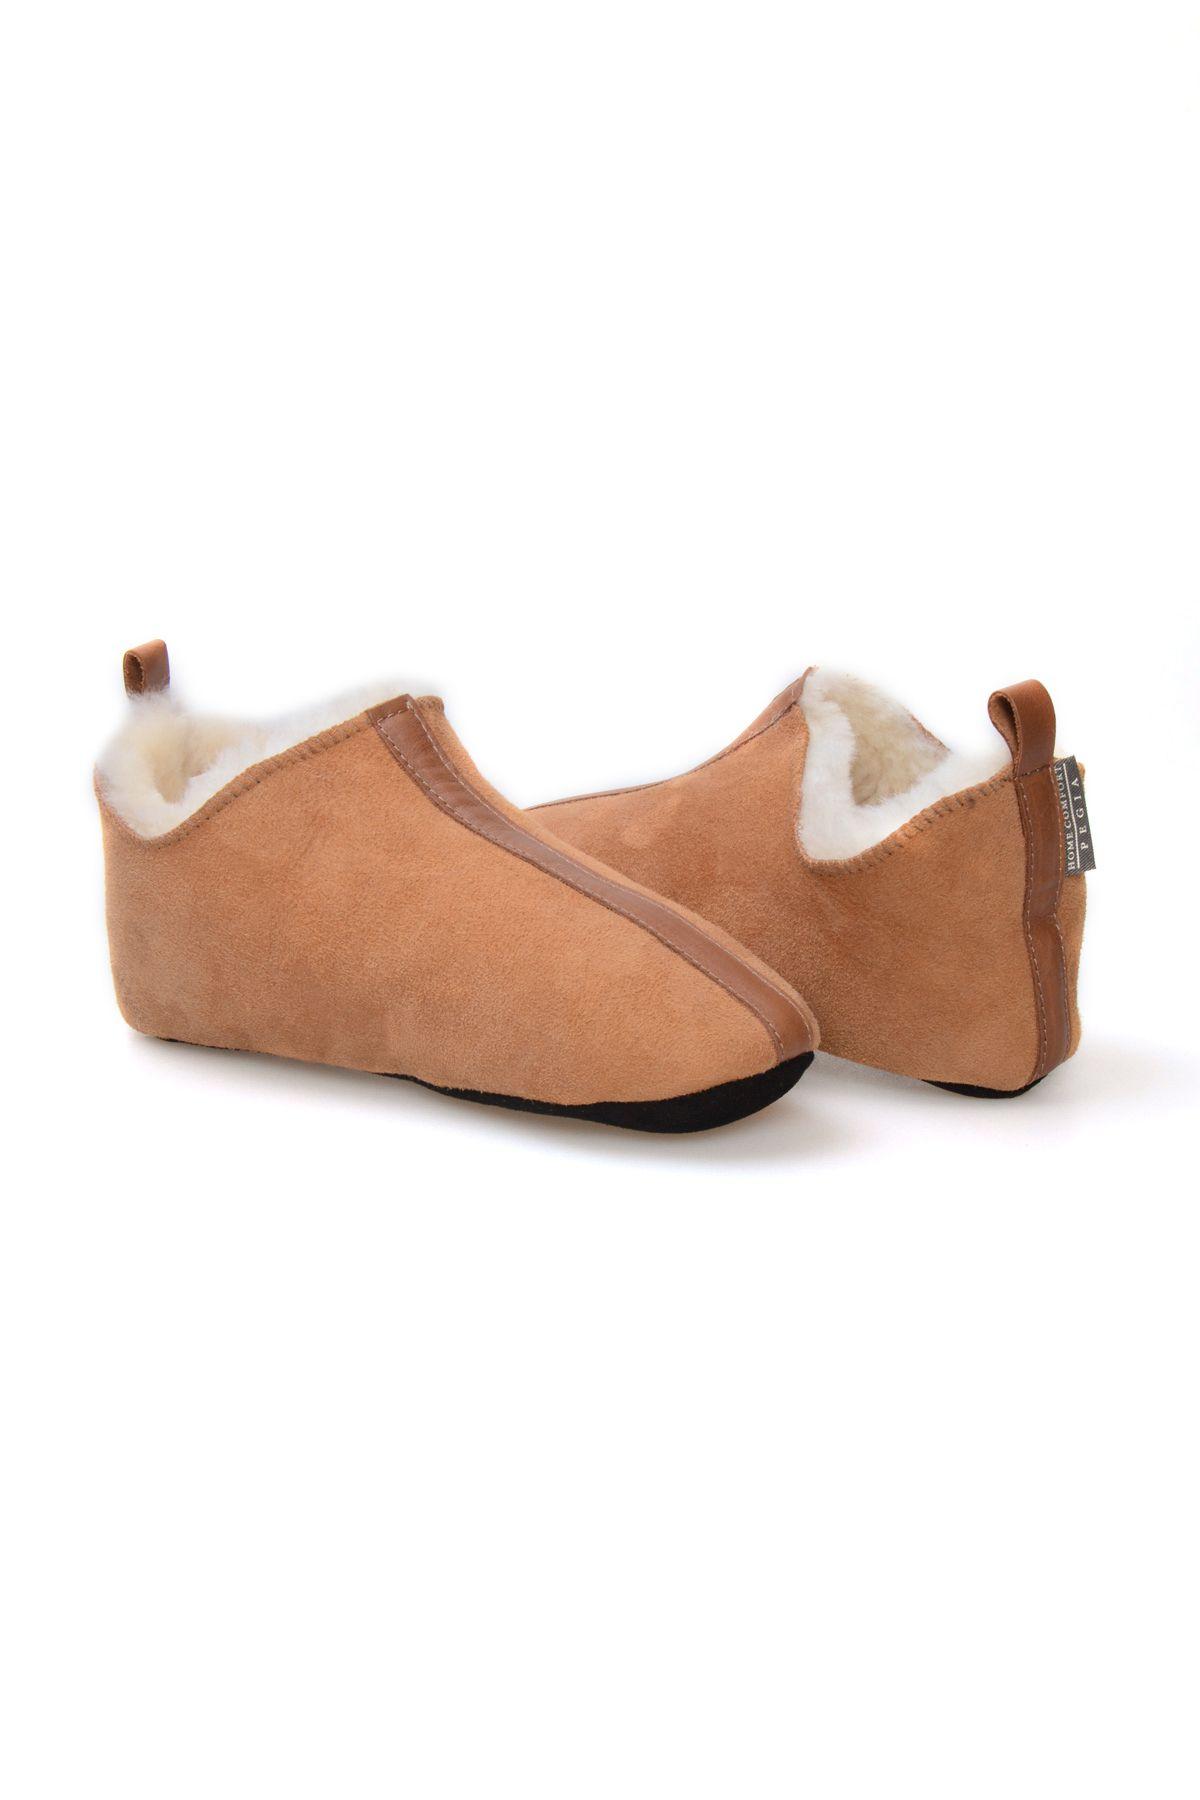 Pegia Hakiki Kürk Bayan Ev Ayakkabısı 980521 Taba